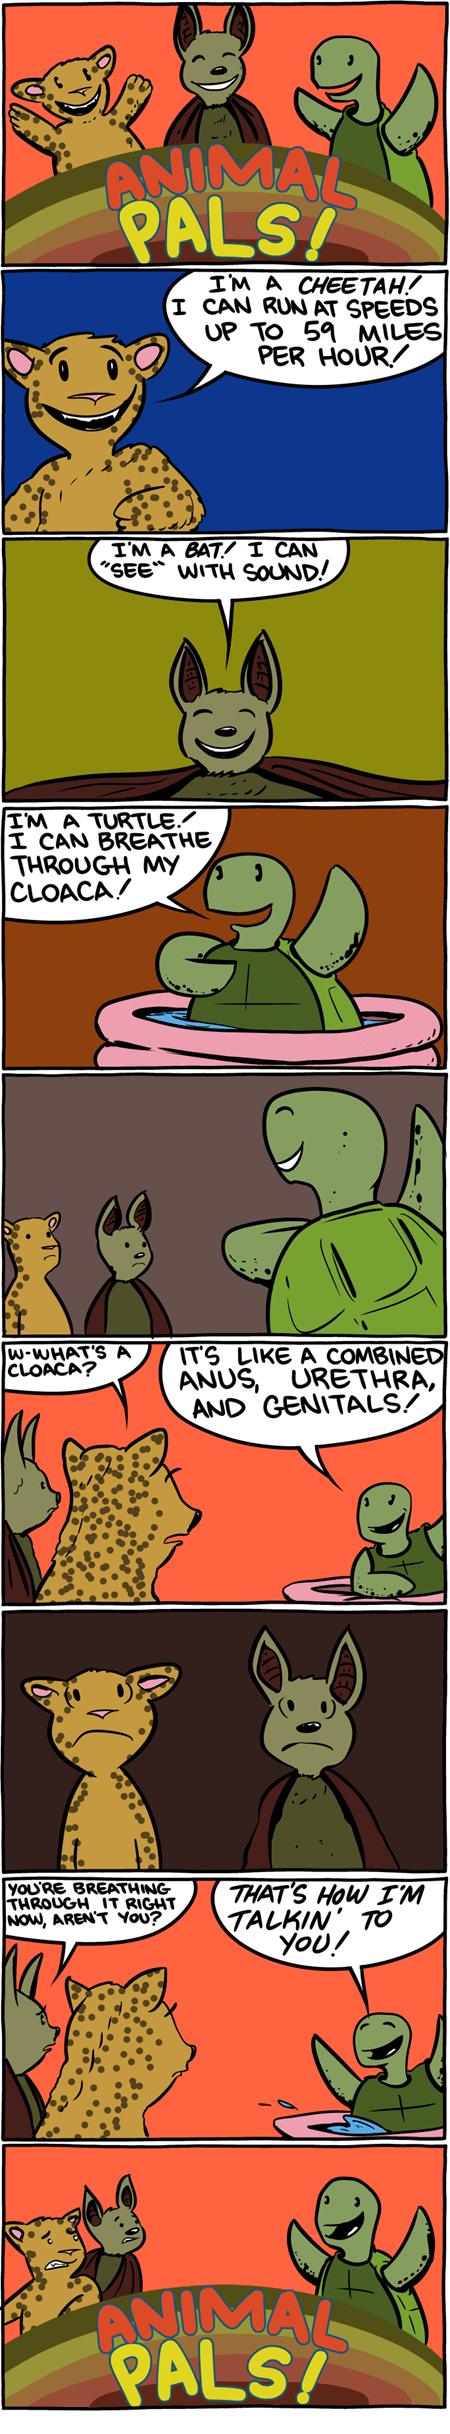 funny animals web comics - 7831813120